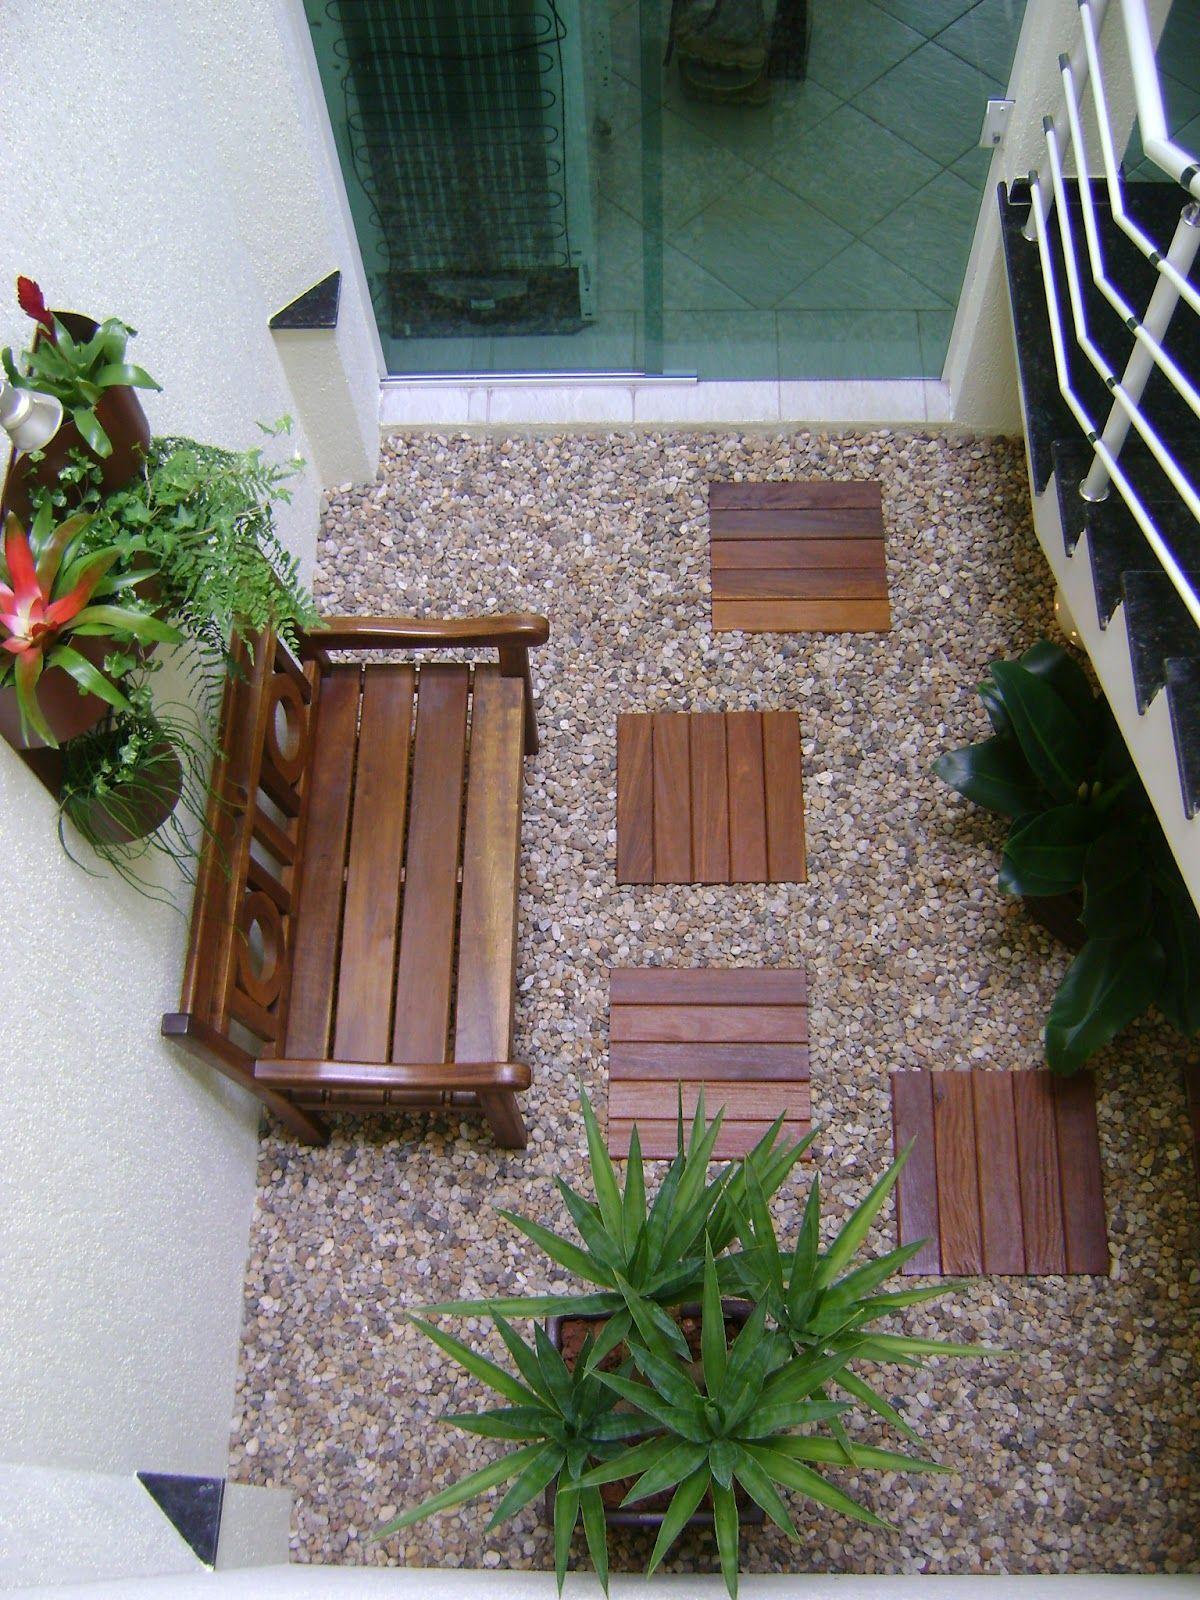 Jardim de inverno shre pinterest jard n interior for Diseno de fuente de jardin al aire libre